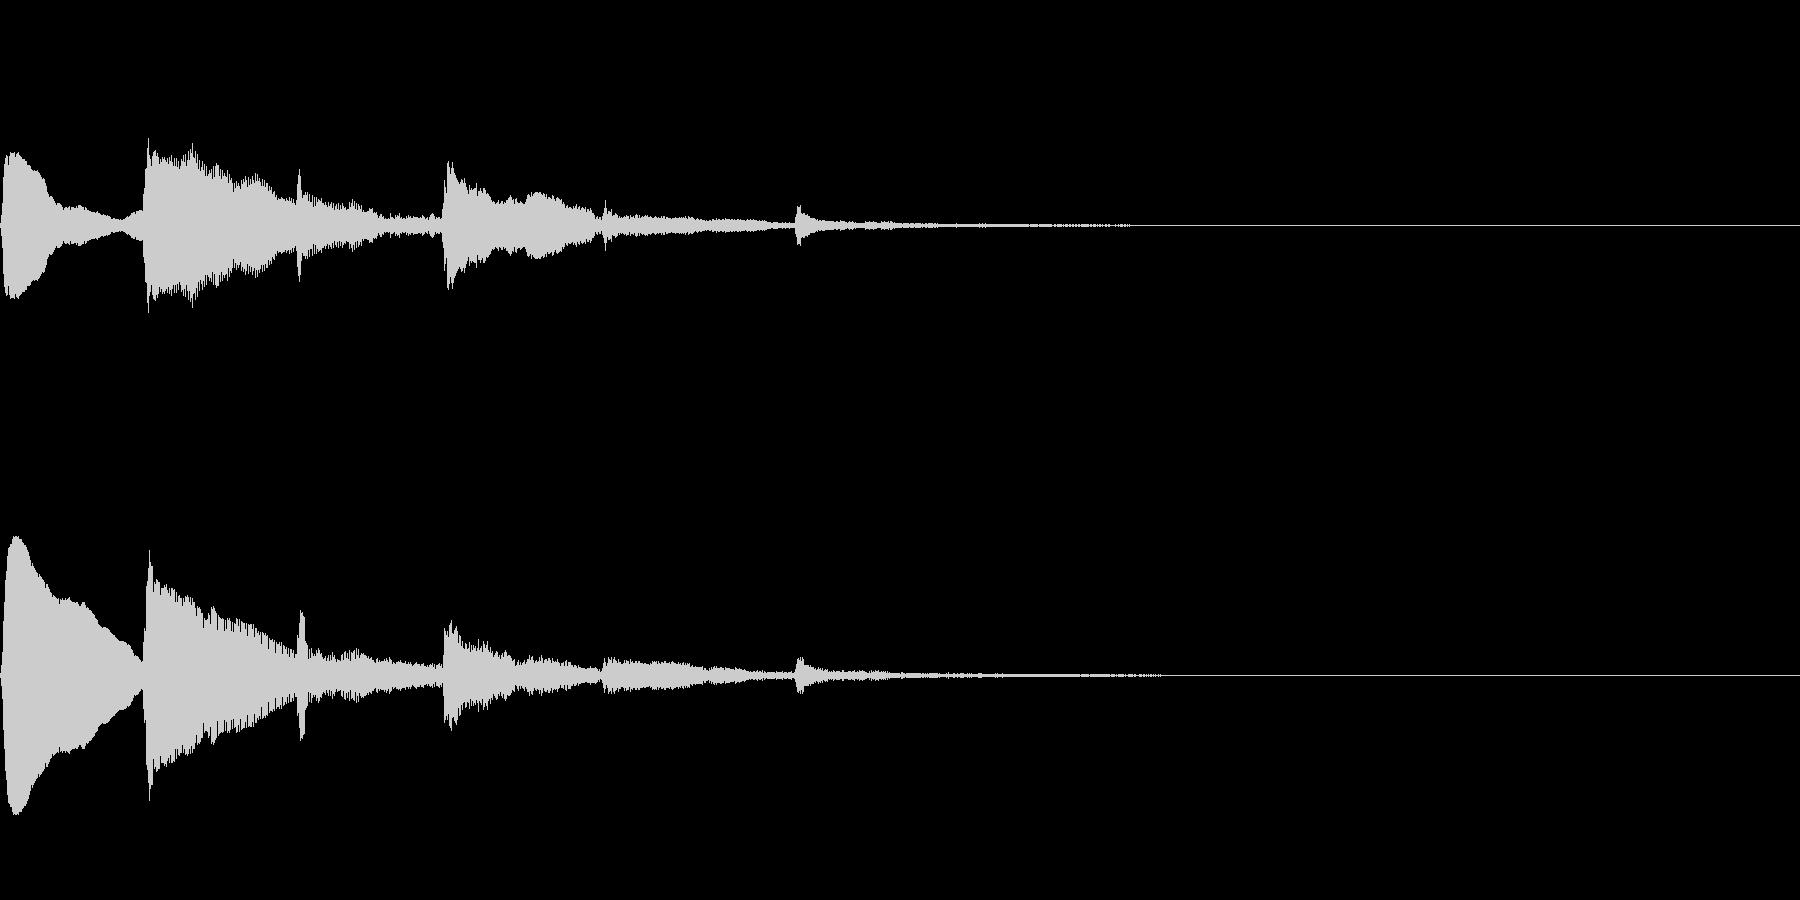 ハープの分散和音によるサウンドロゴの未再生の波形